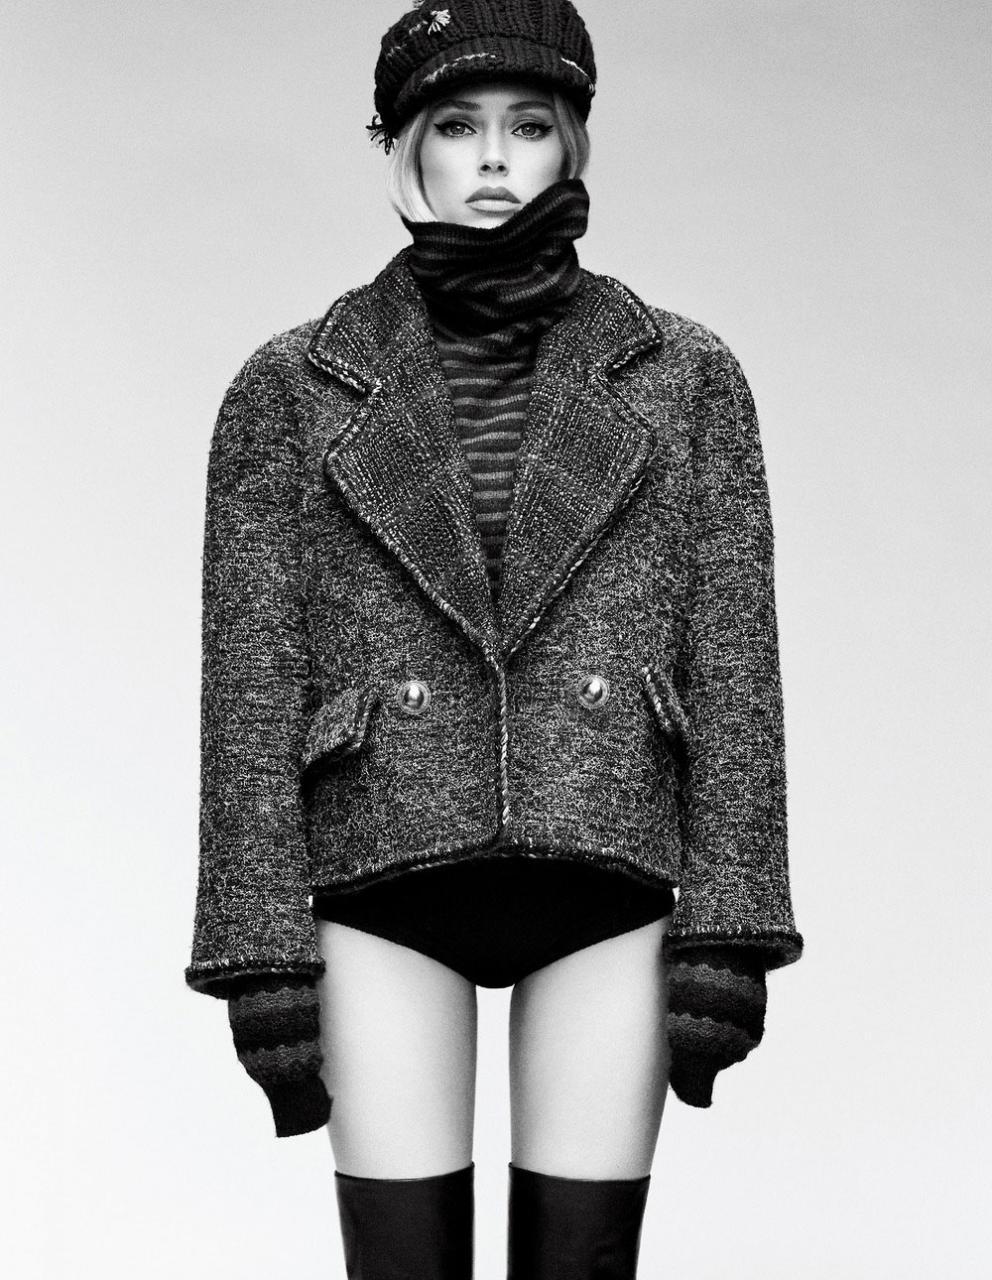 时尚摄影师组合Luigi & Iango的Vogue杂志作品 时尚图库 第10张